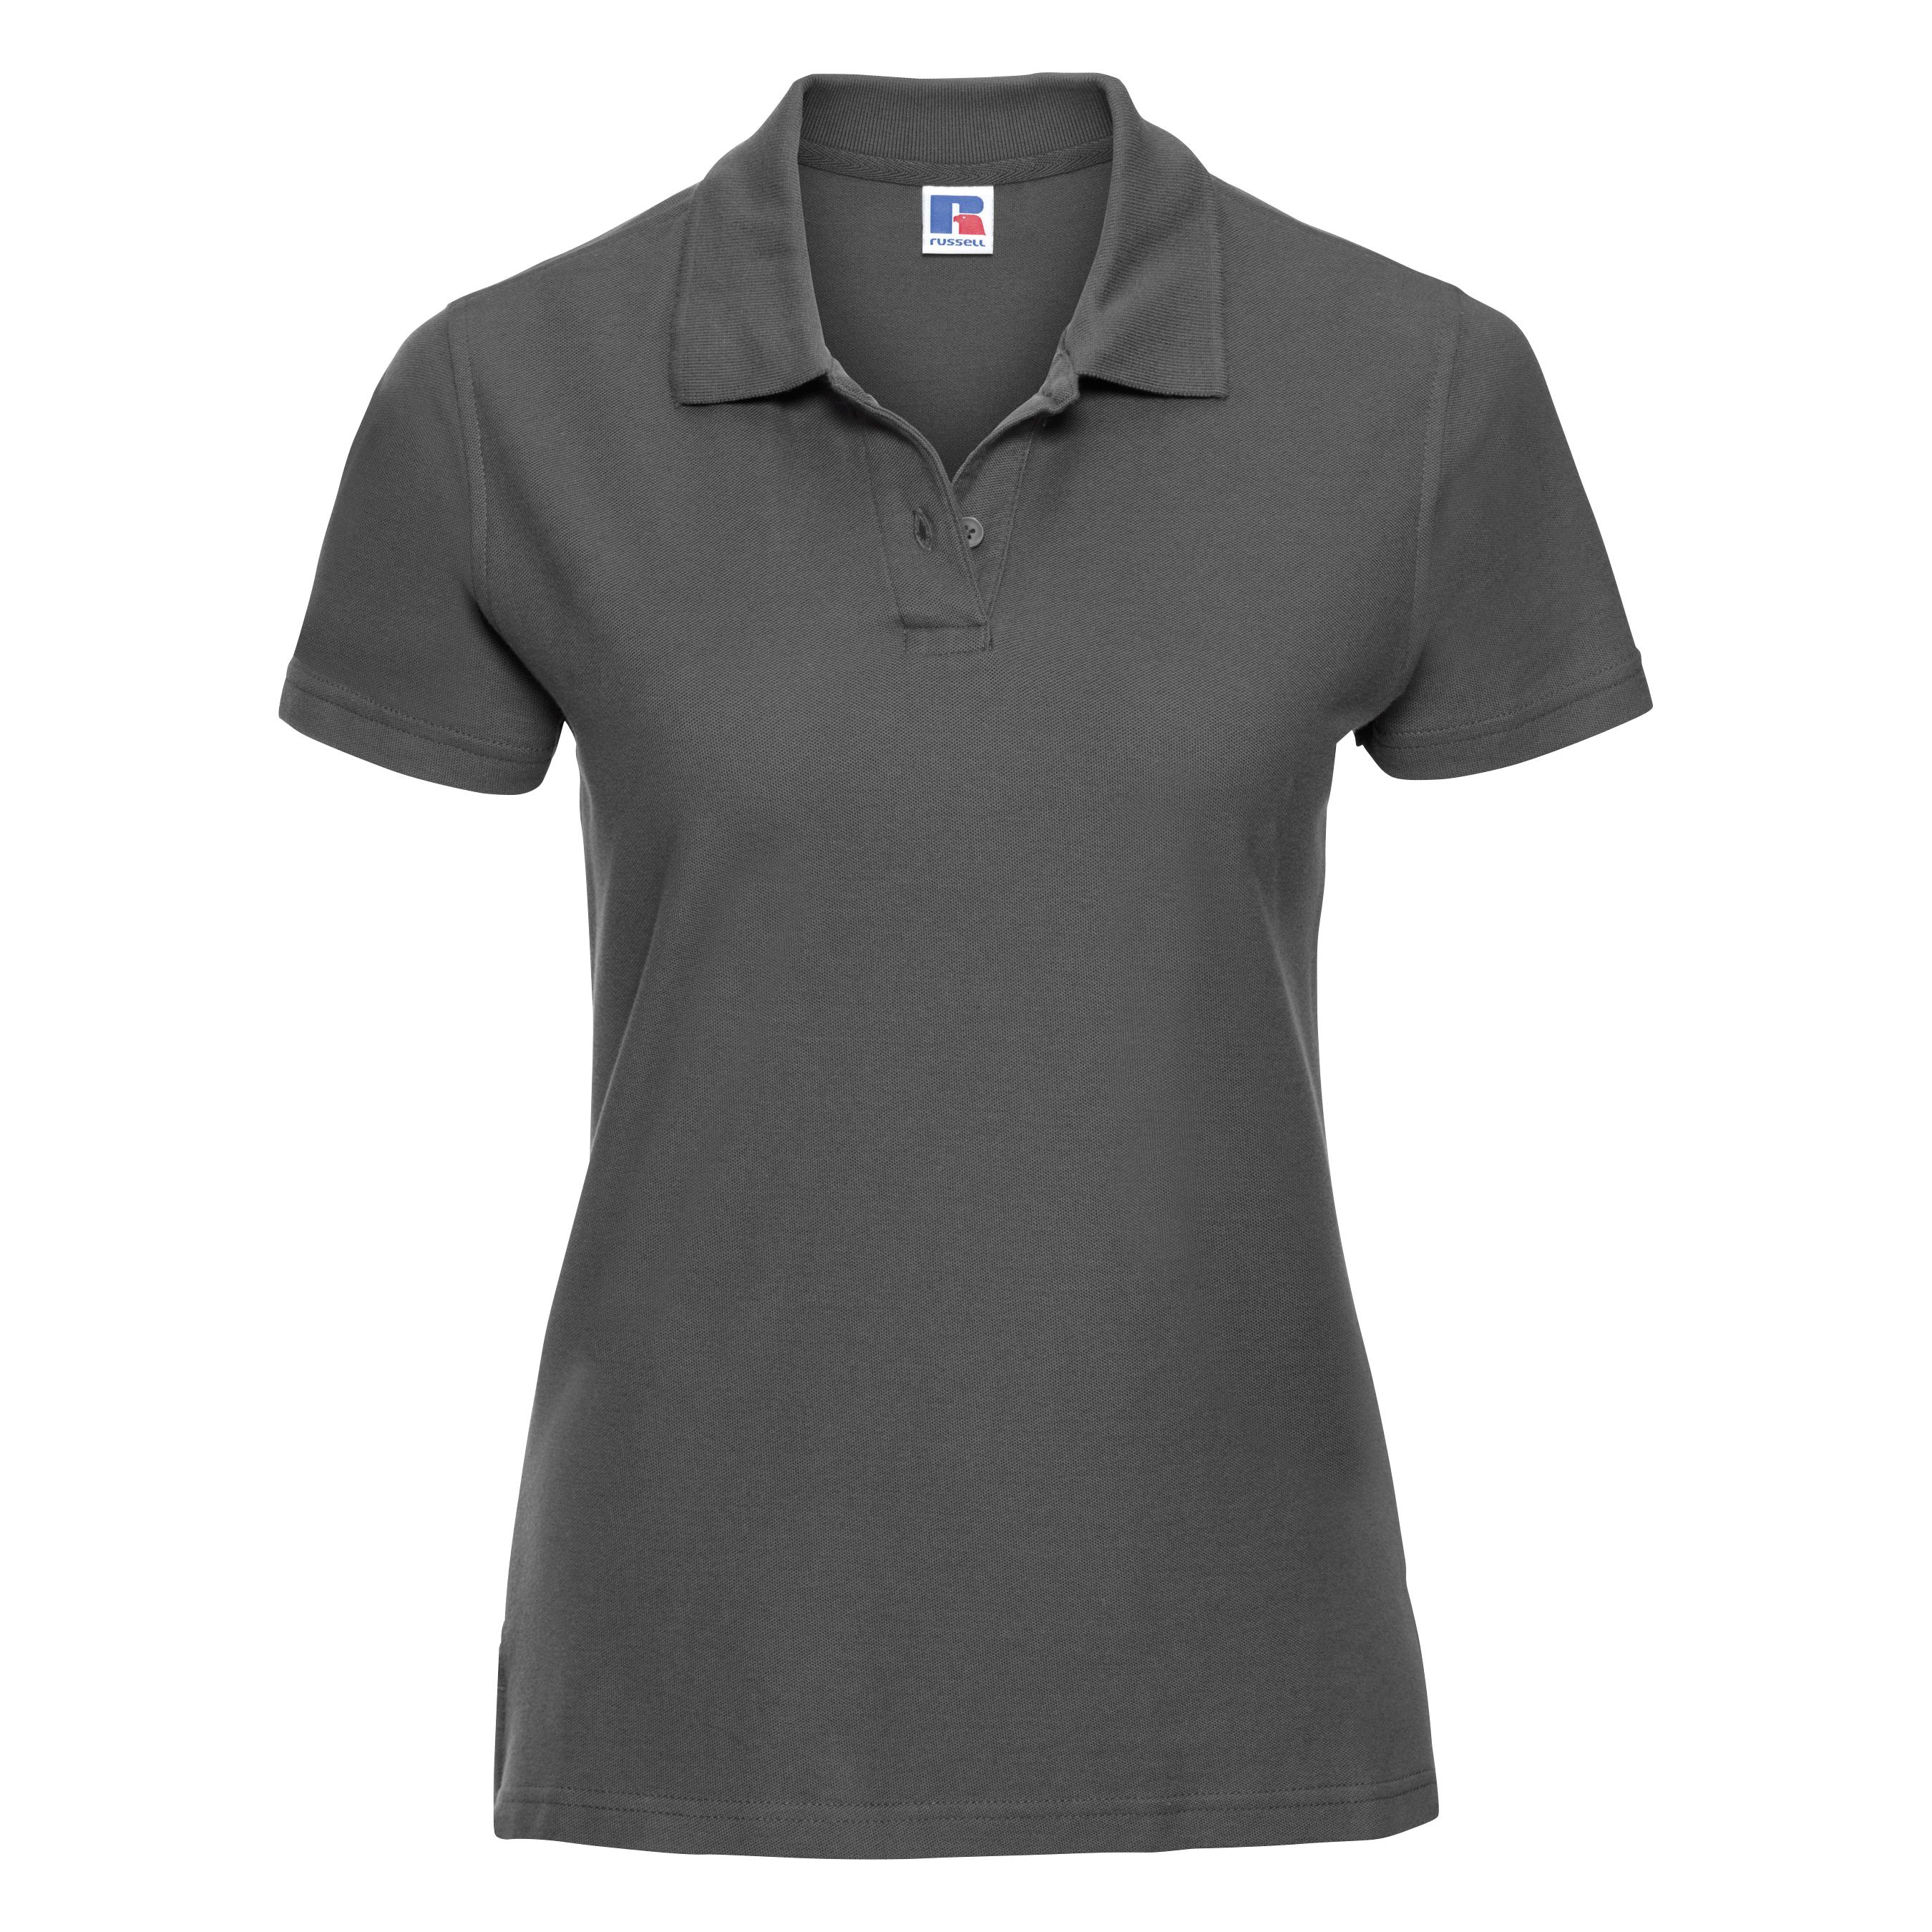 miniature 28 - Polo-uni-Russell-manches-courtes-100-coton-femme-et-fille-XS-2XL-RW3281